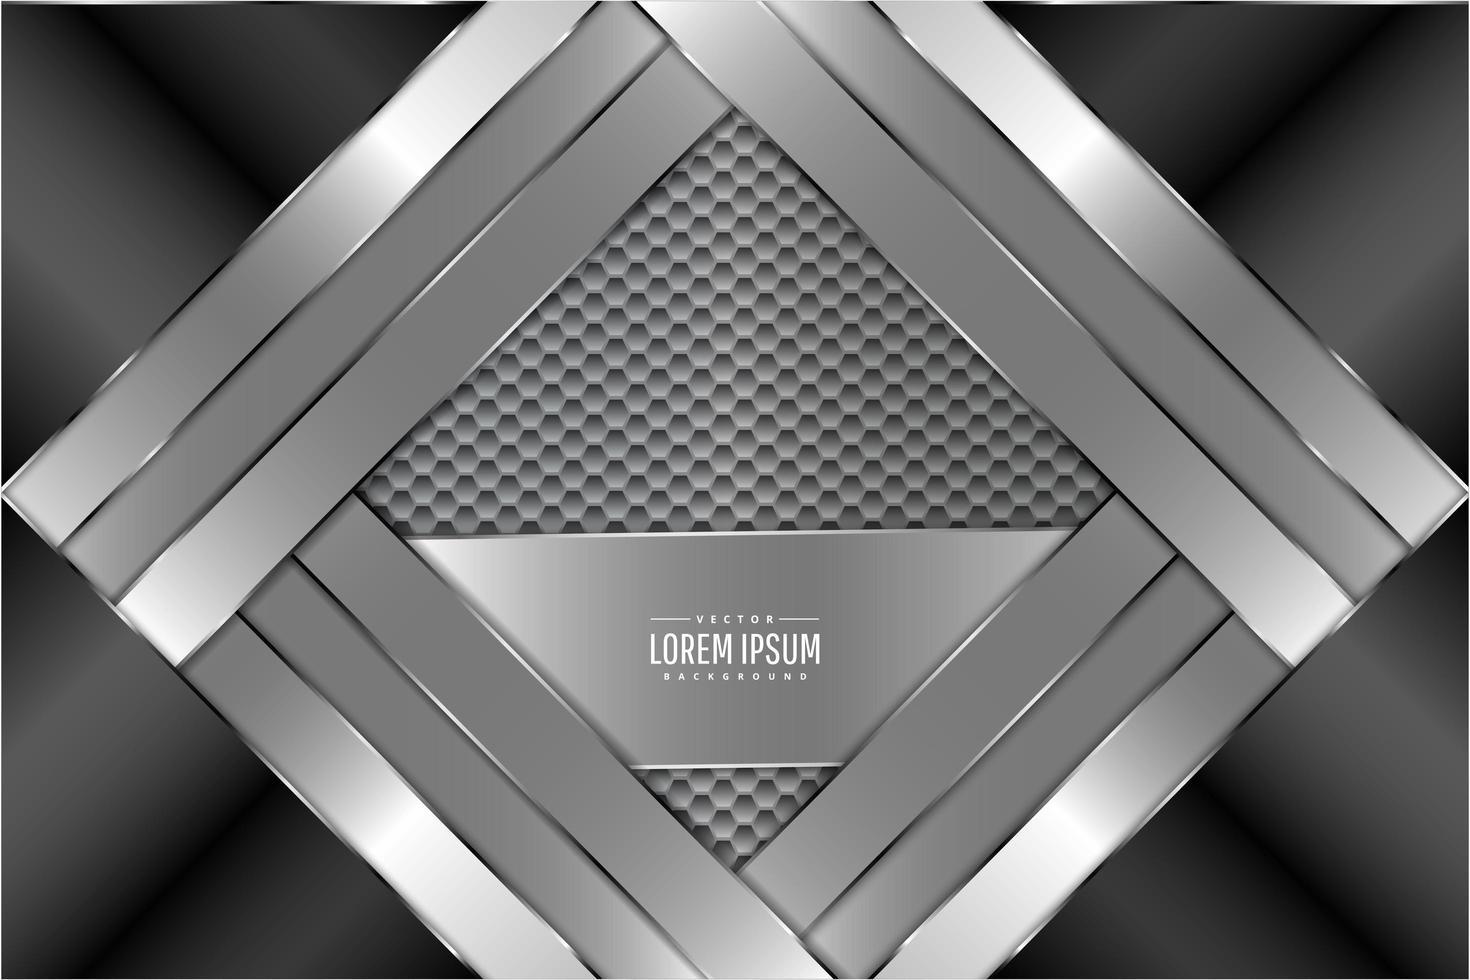 metall bakgrund med hexagon mönster vektor